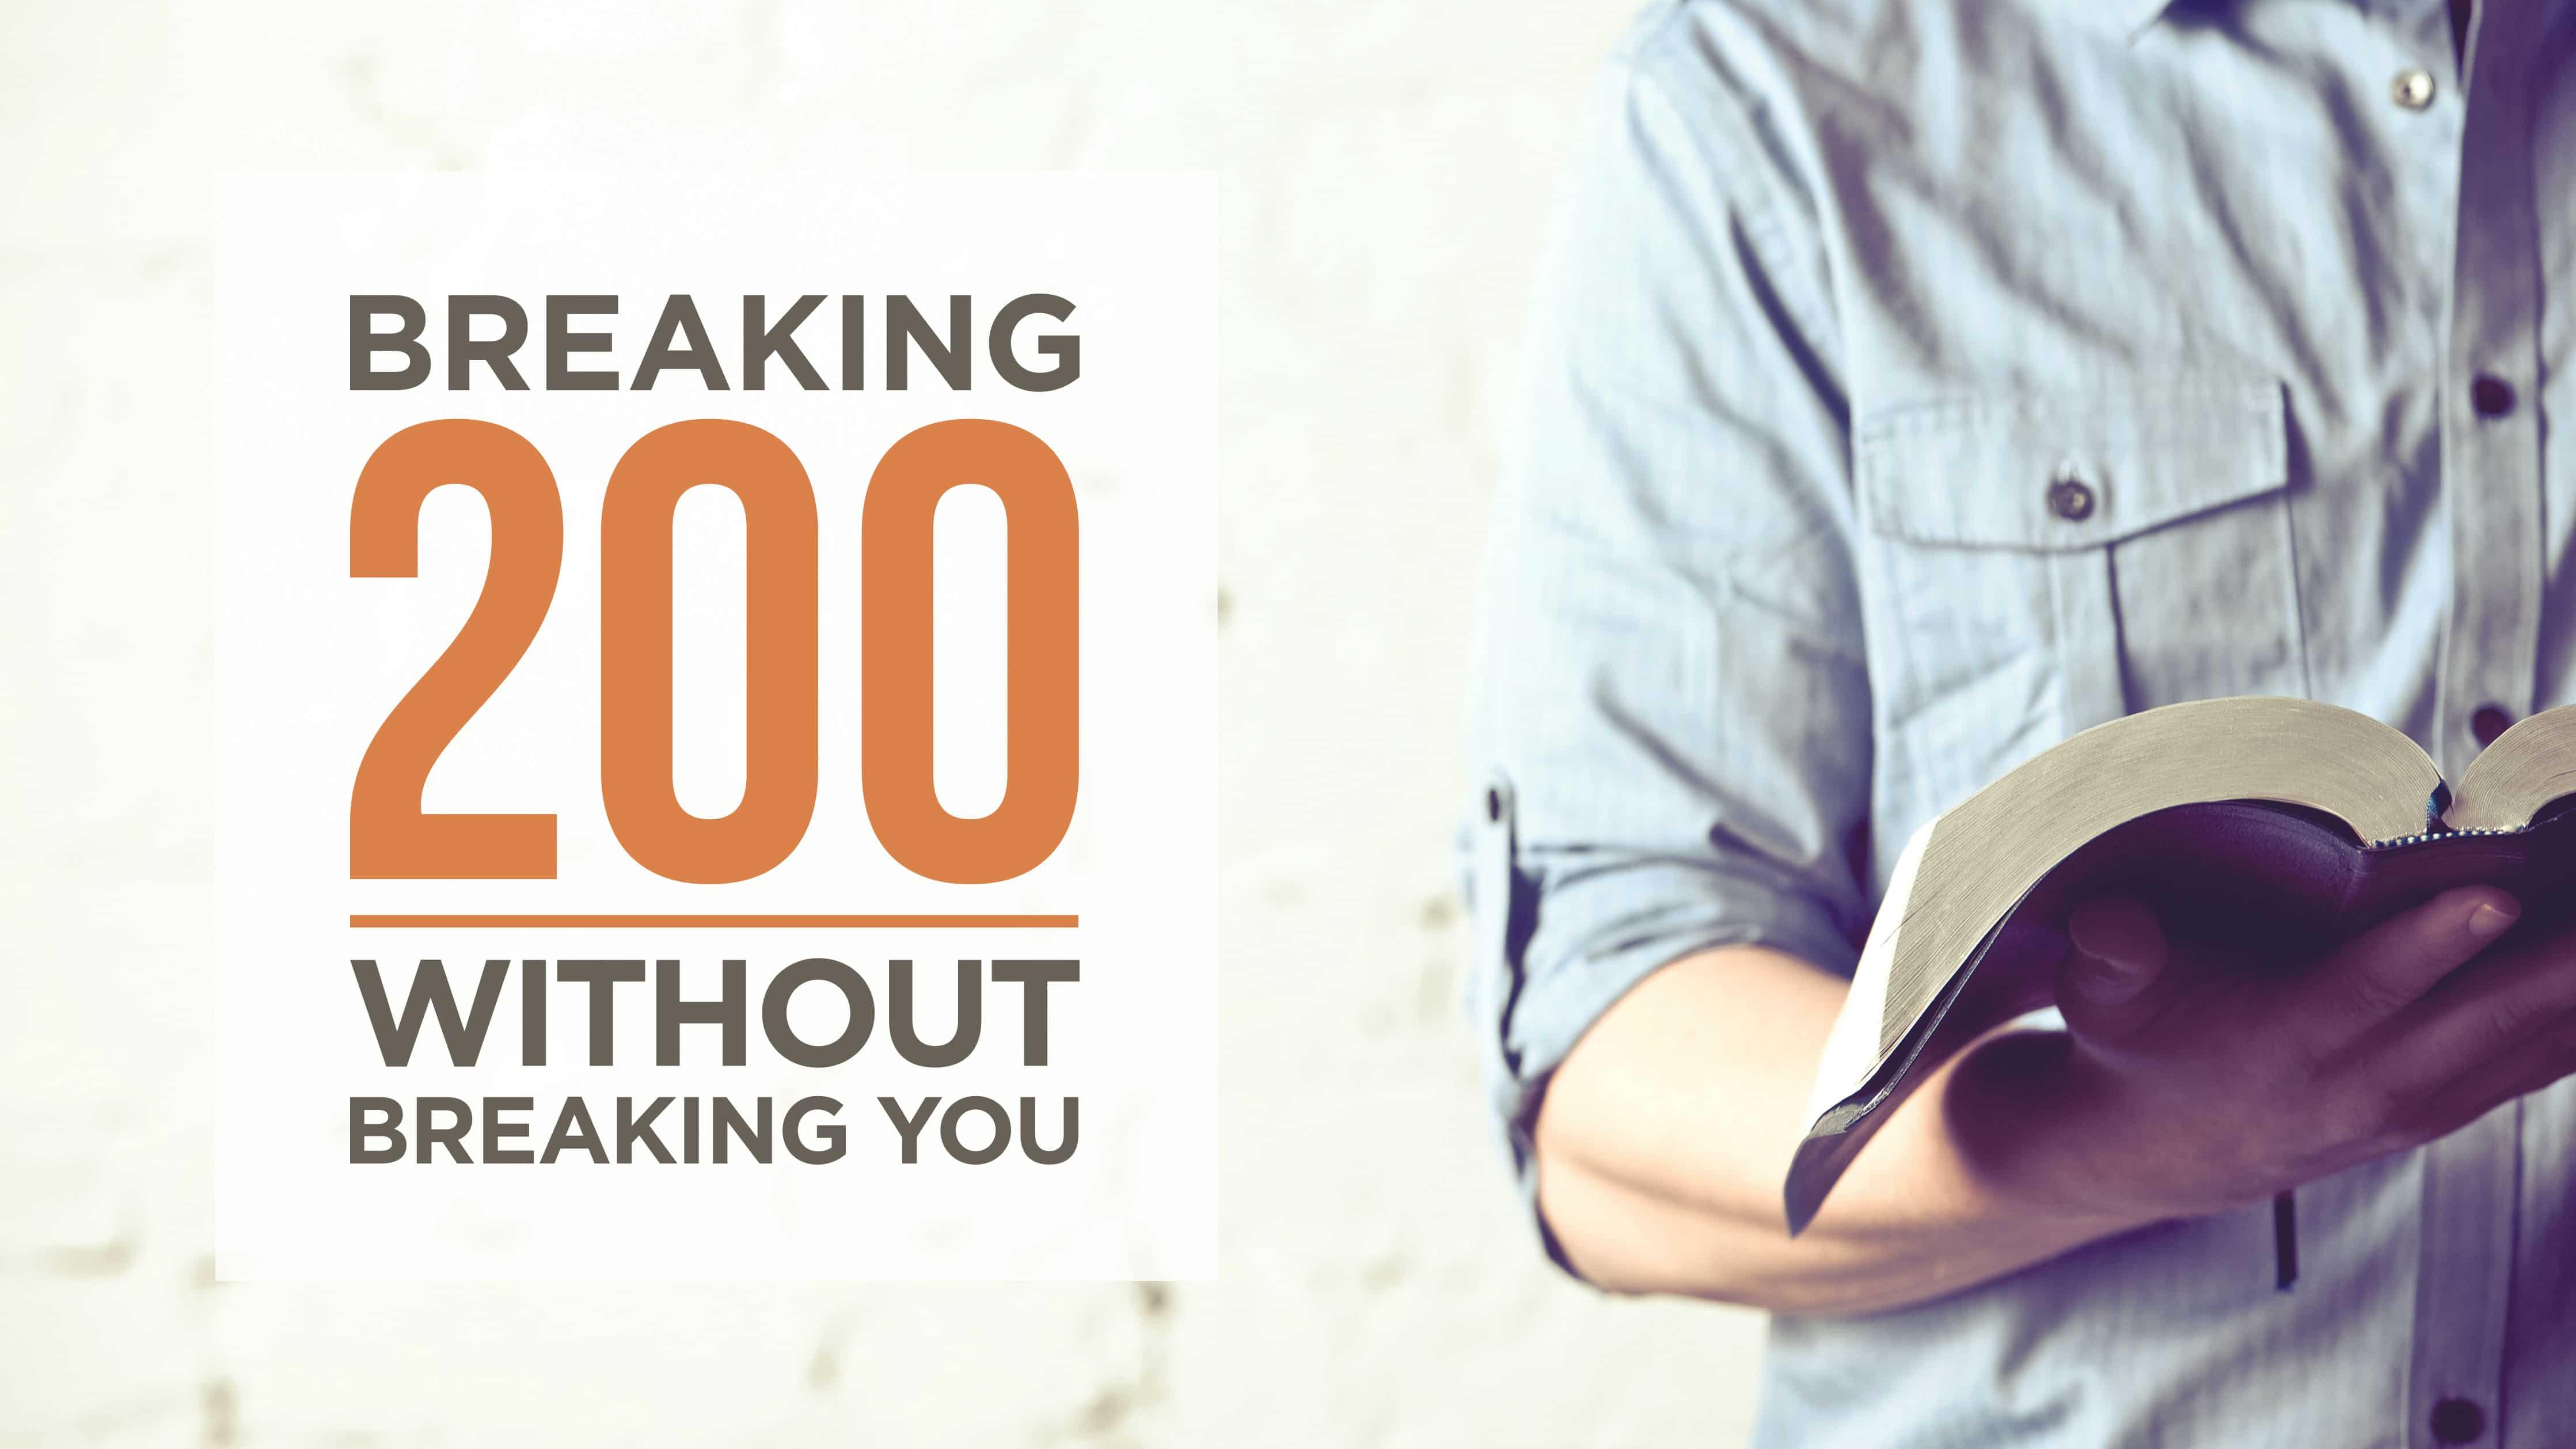 breaking 200